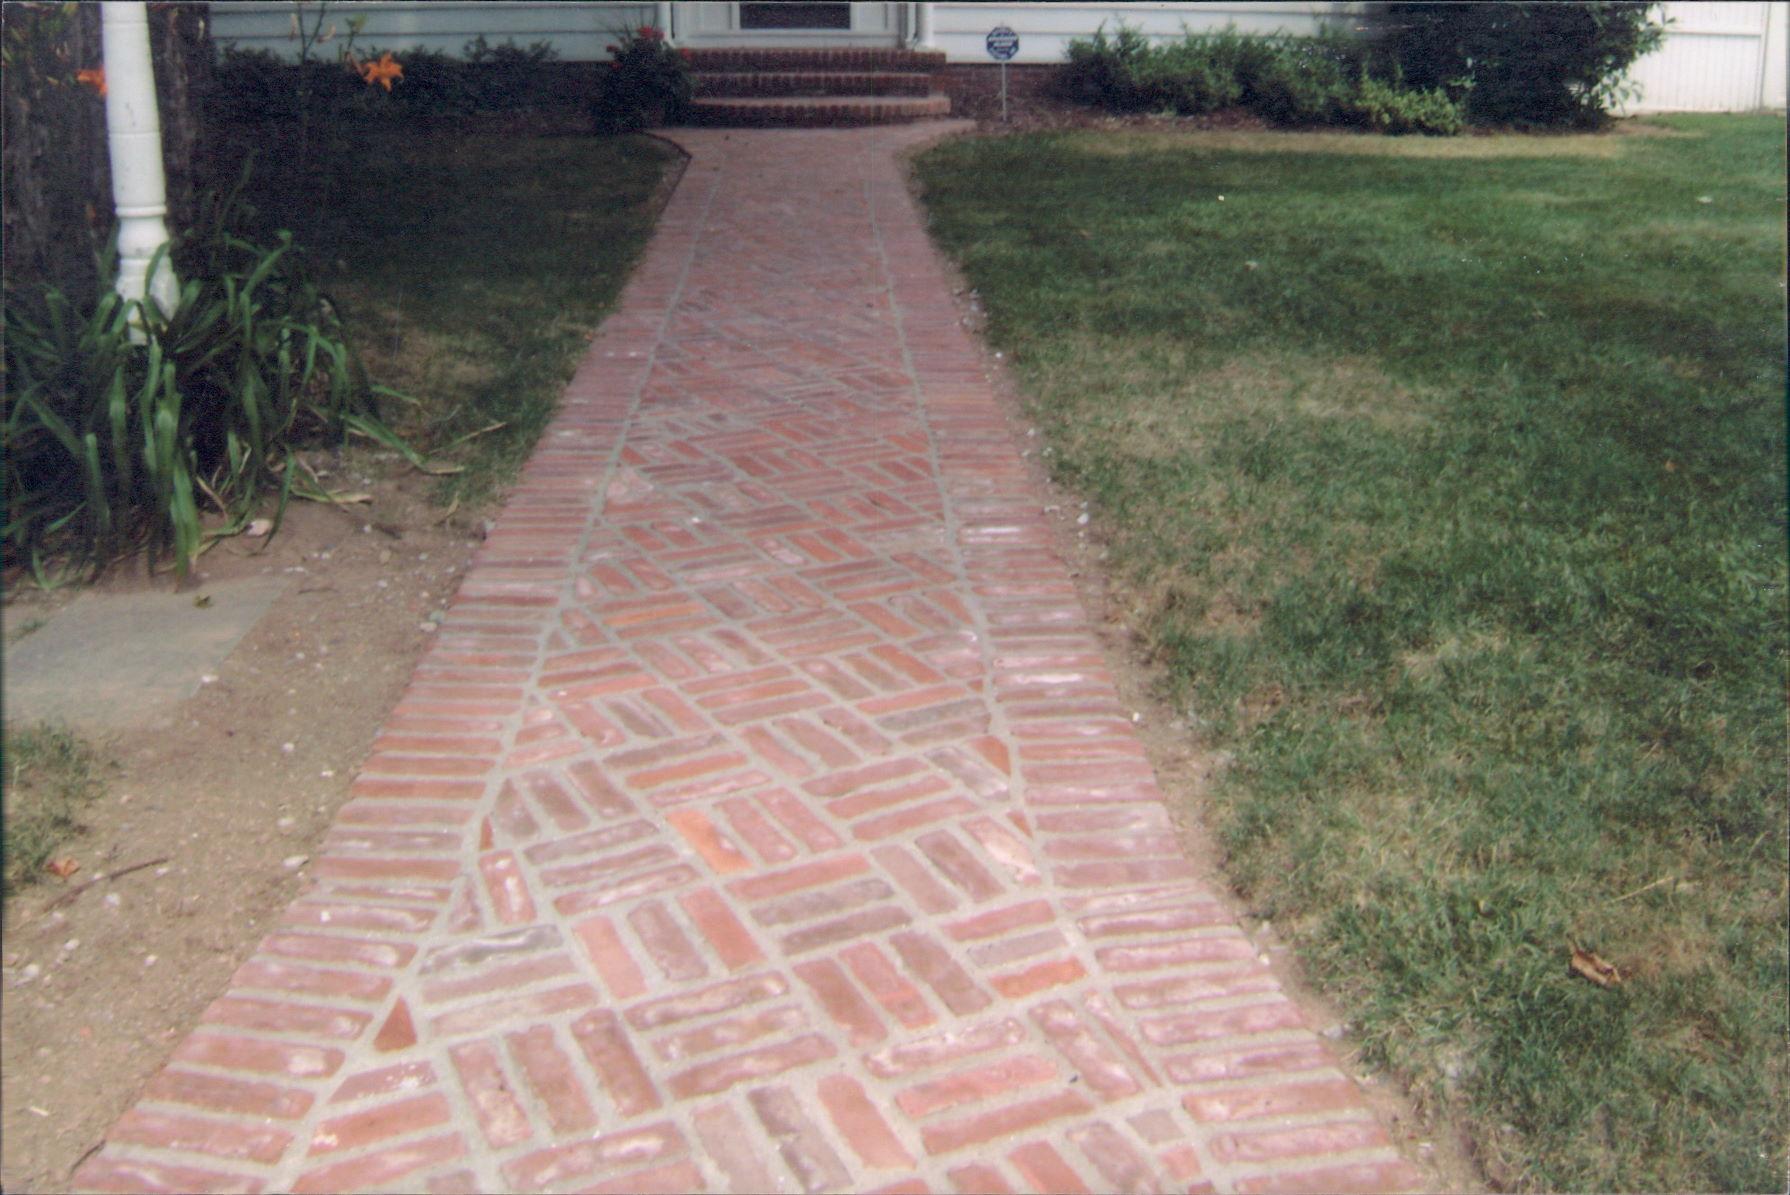 Sidewalks_00015A.jpg